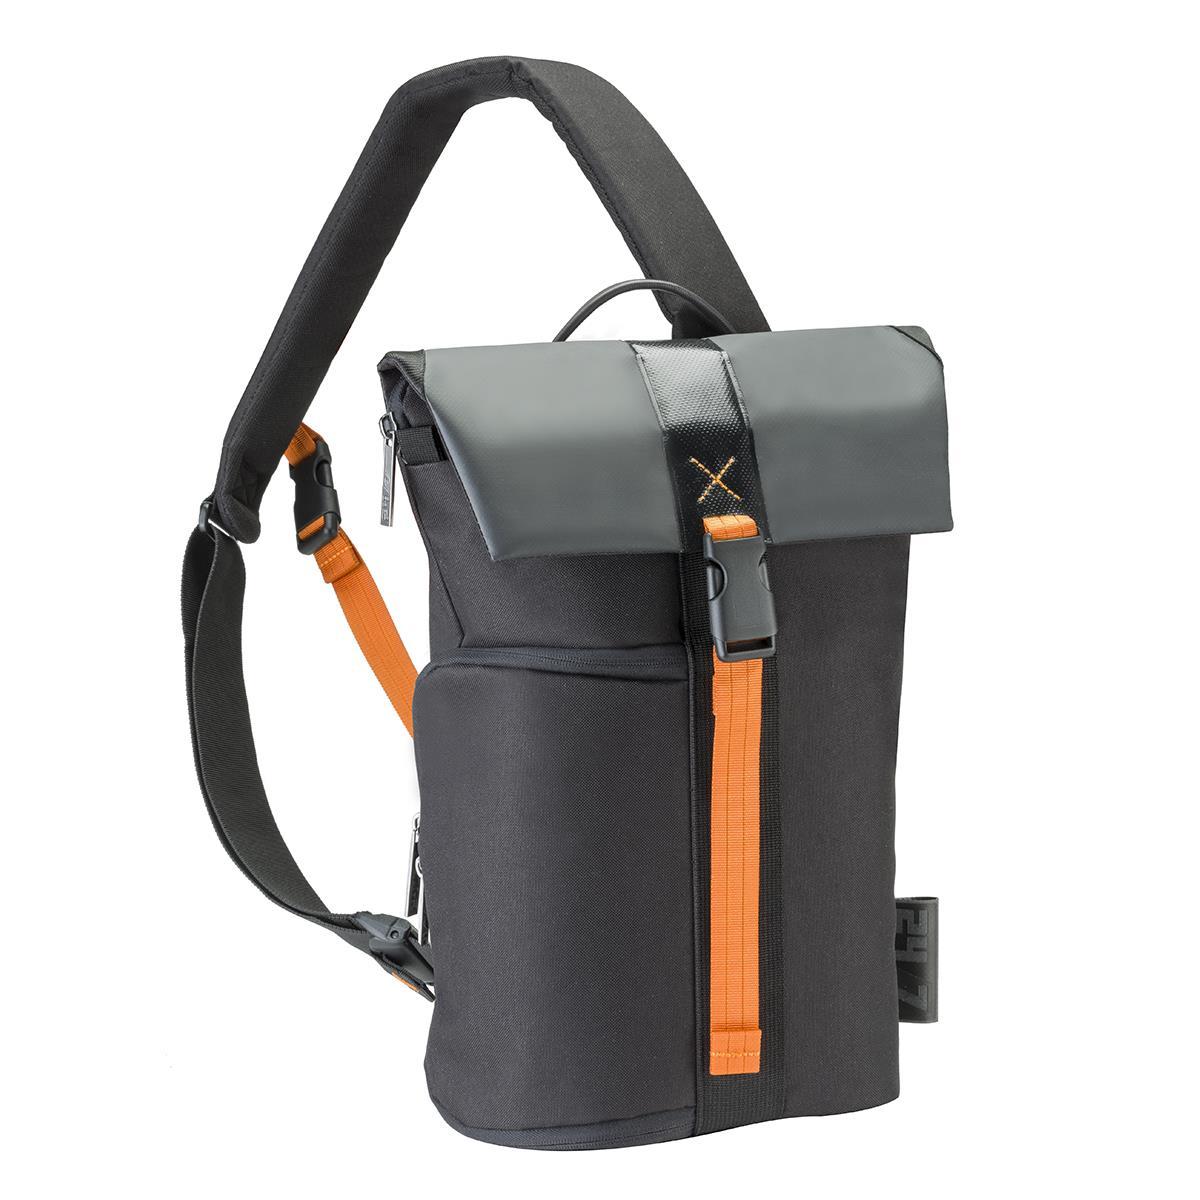 Adorama 24/7 Sling Bag Review